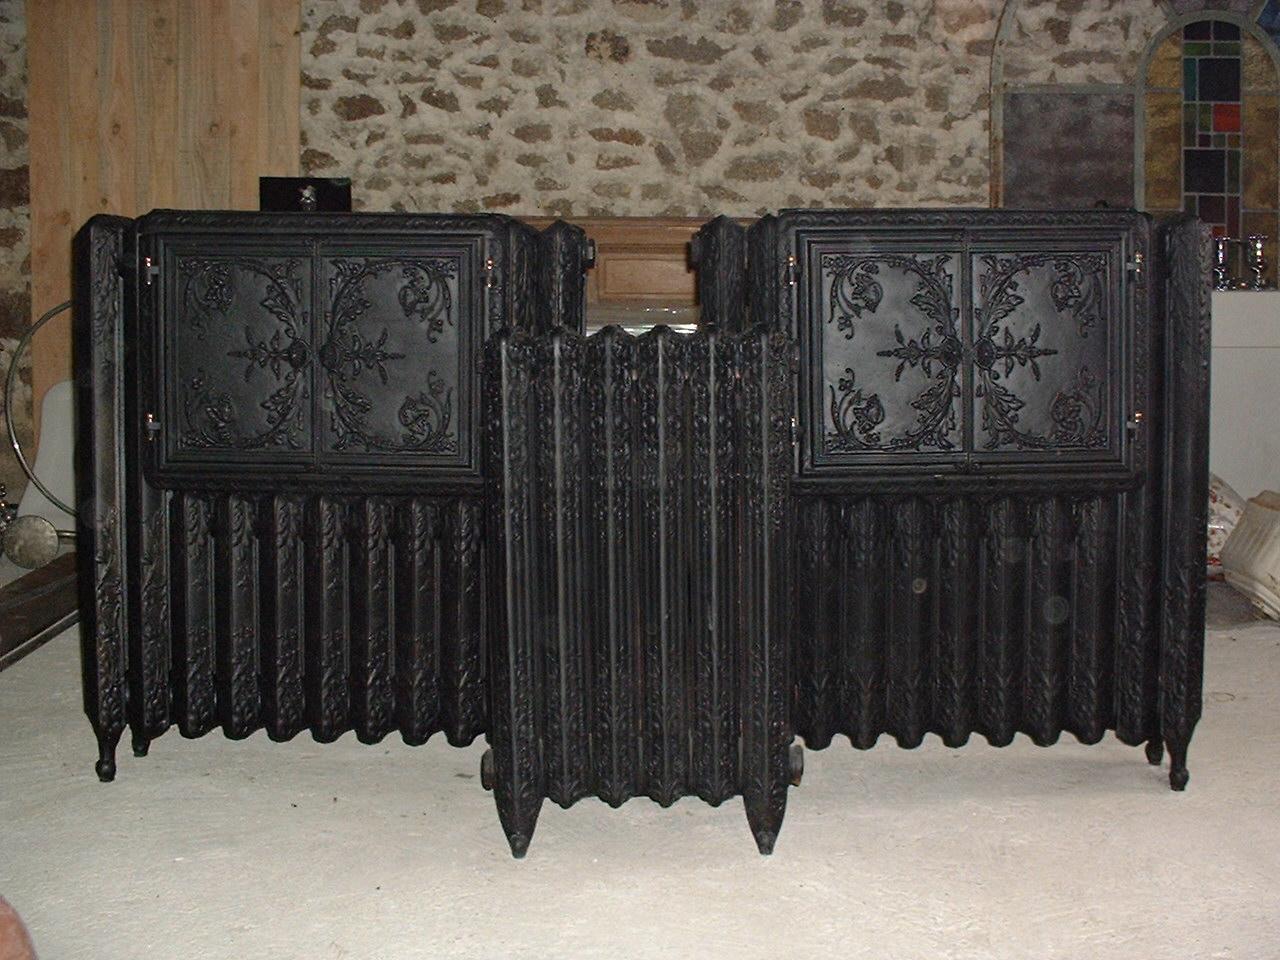 deco radiateur fonte perfect dco meuble pour cacher radiateur unique cache radiateur fonte. Black Bedroom Furniture Sets. Home Design Ideas